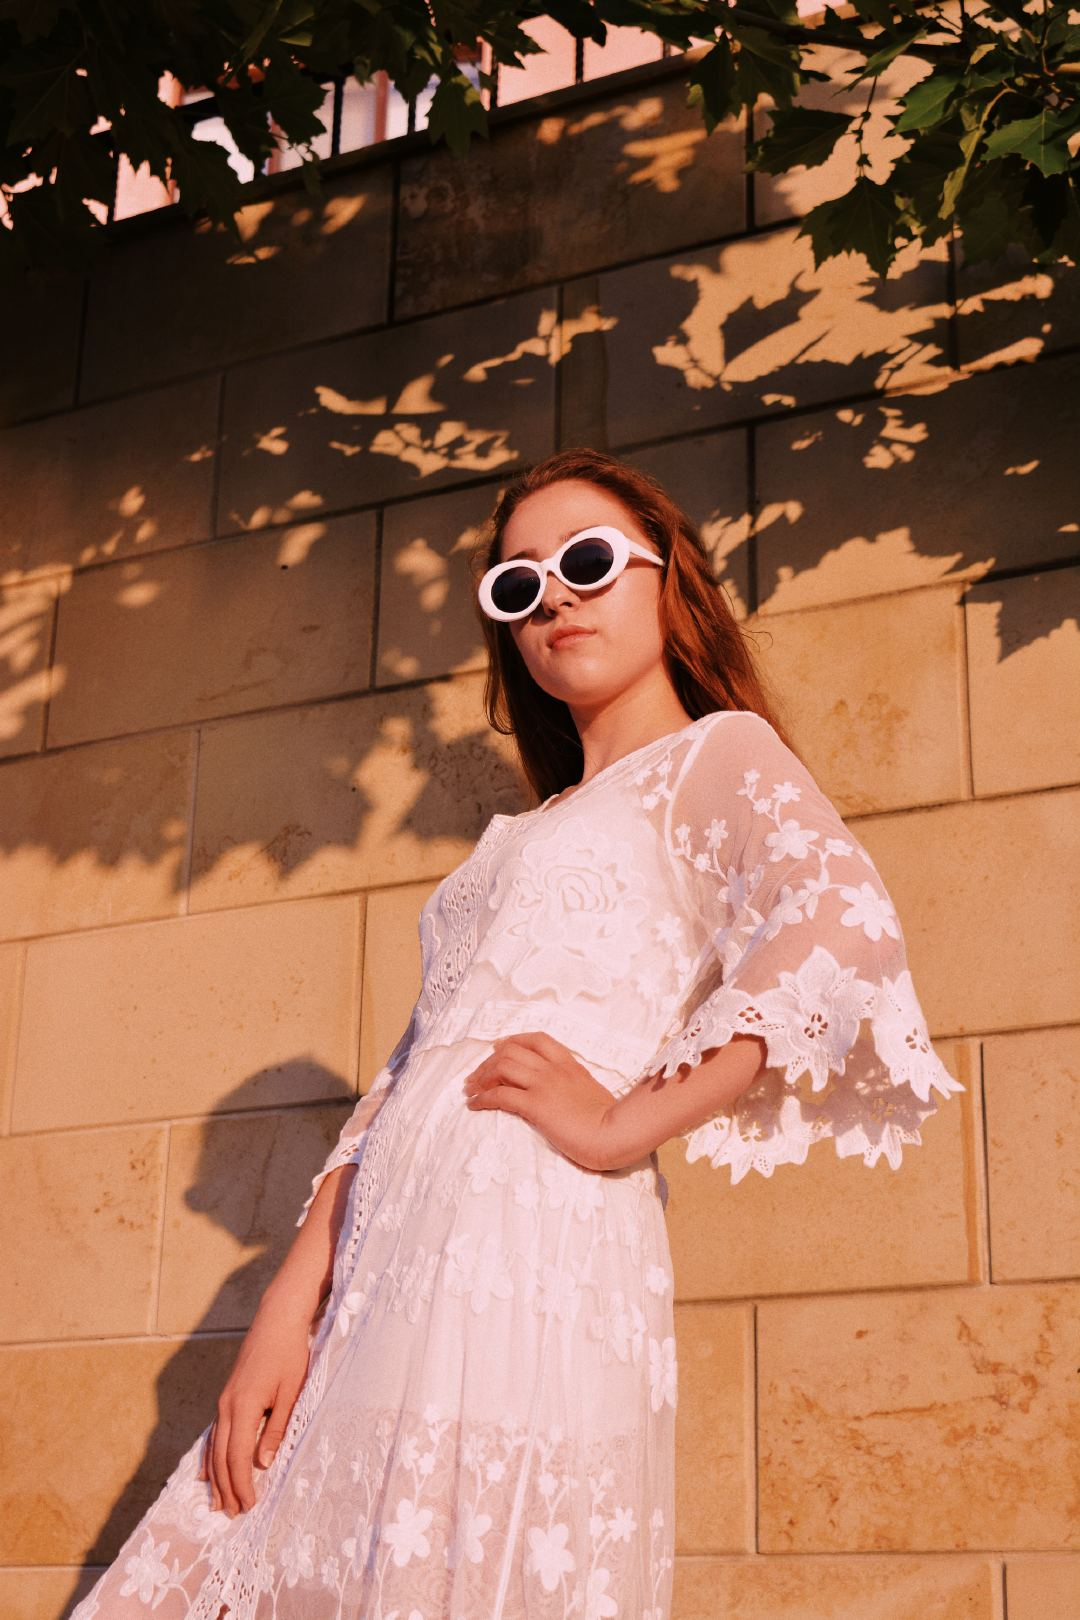 衣品十分时尚的外国女模特高清壁纸大全